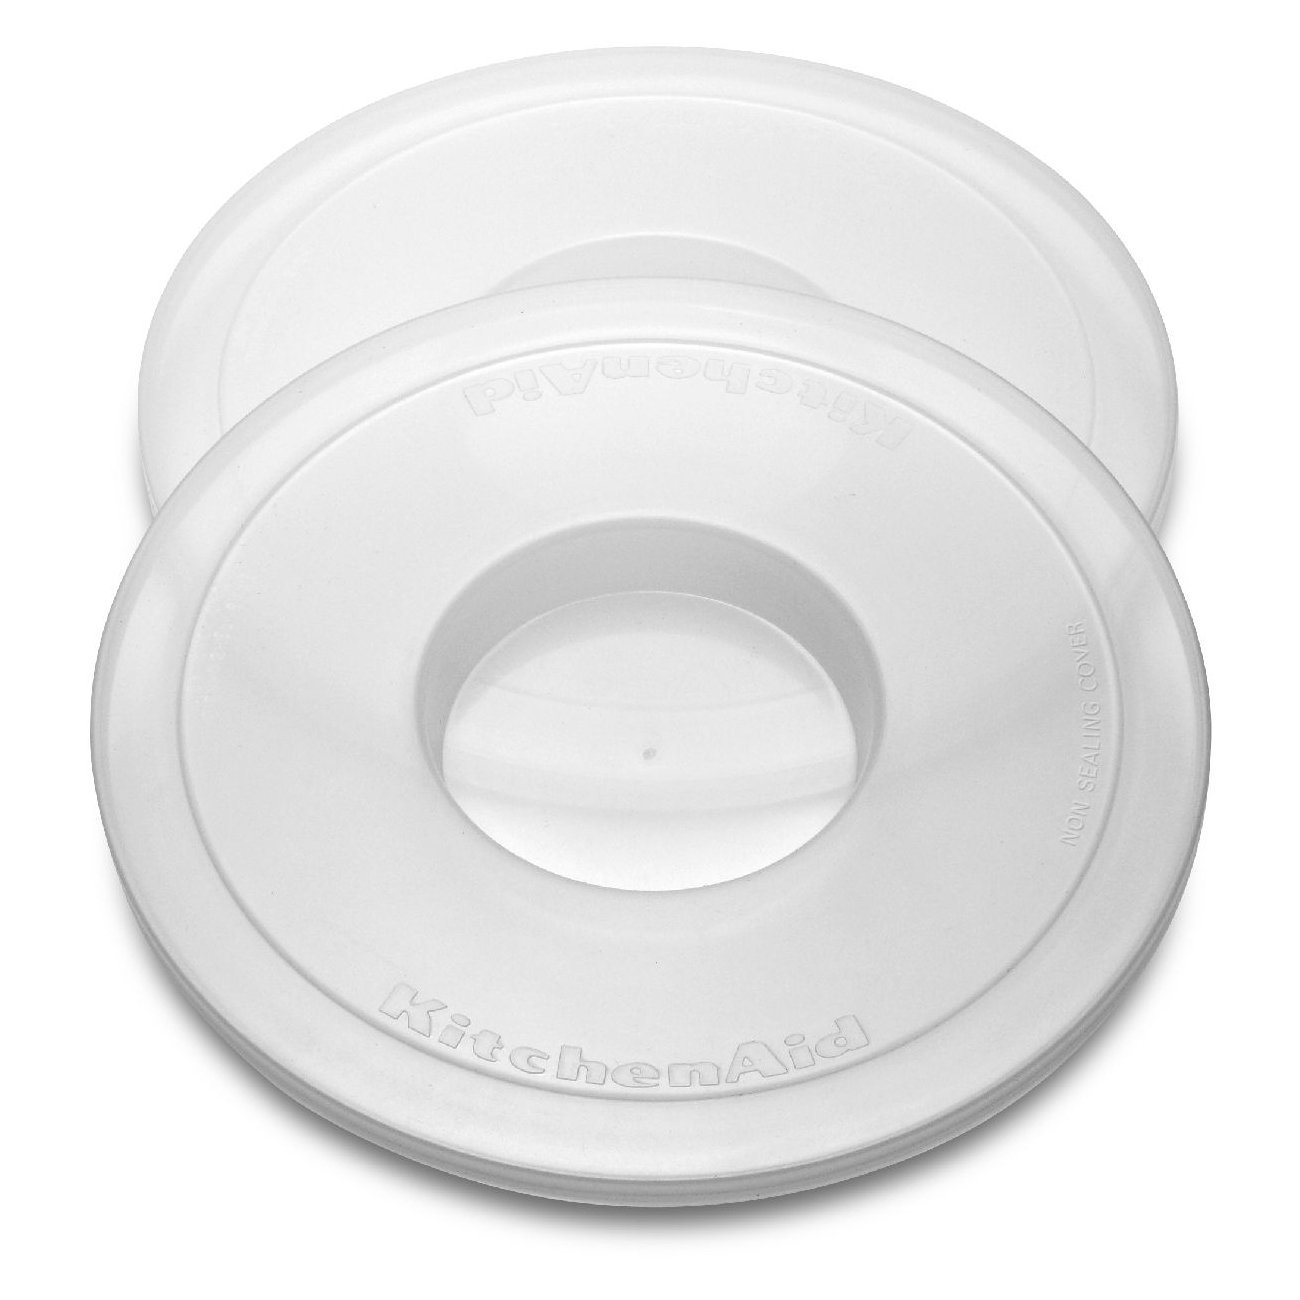 KitchenAid KBC5N Bowl Cover for 5 Quart Bowls, Set of 2